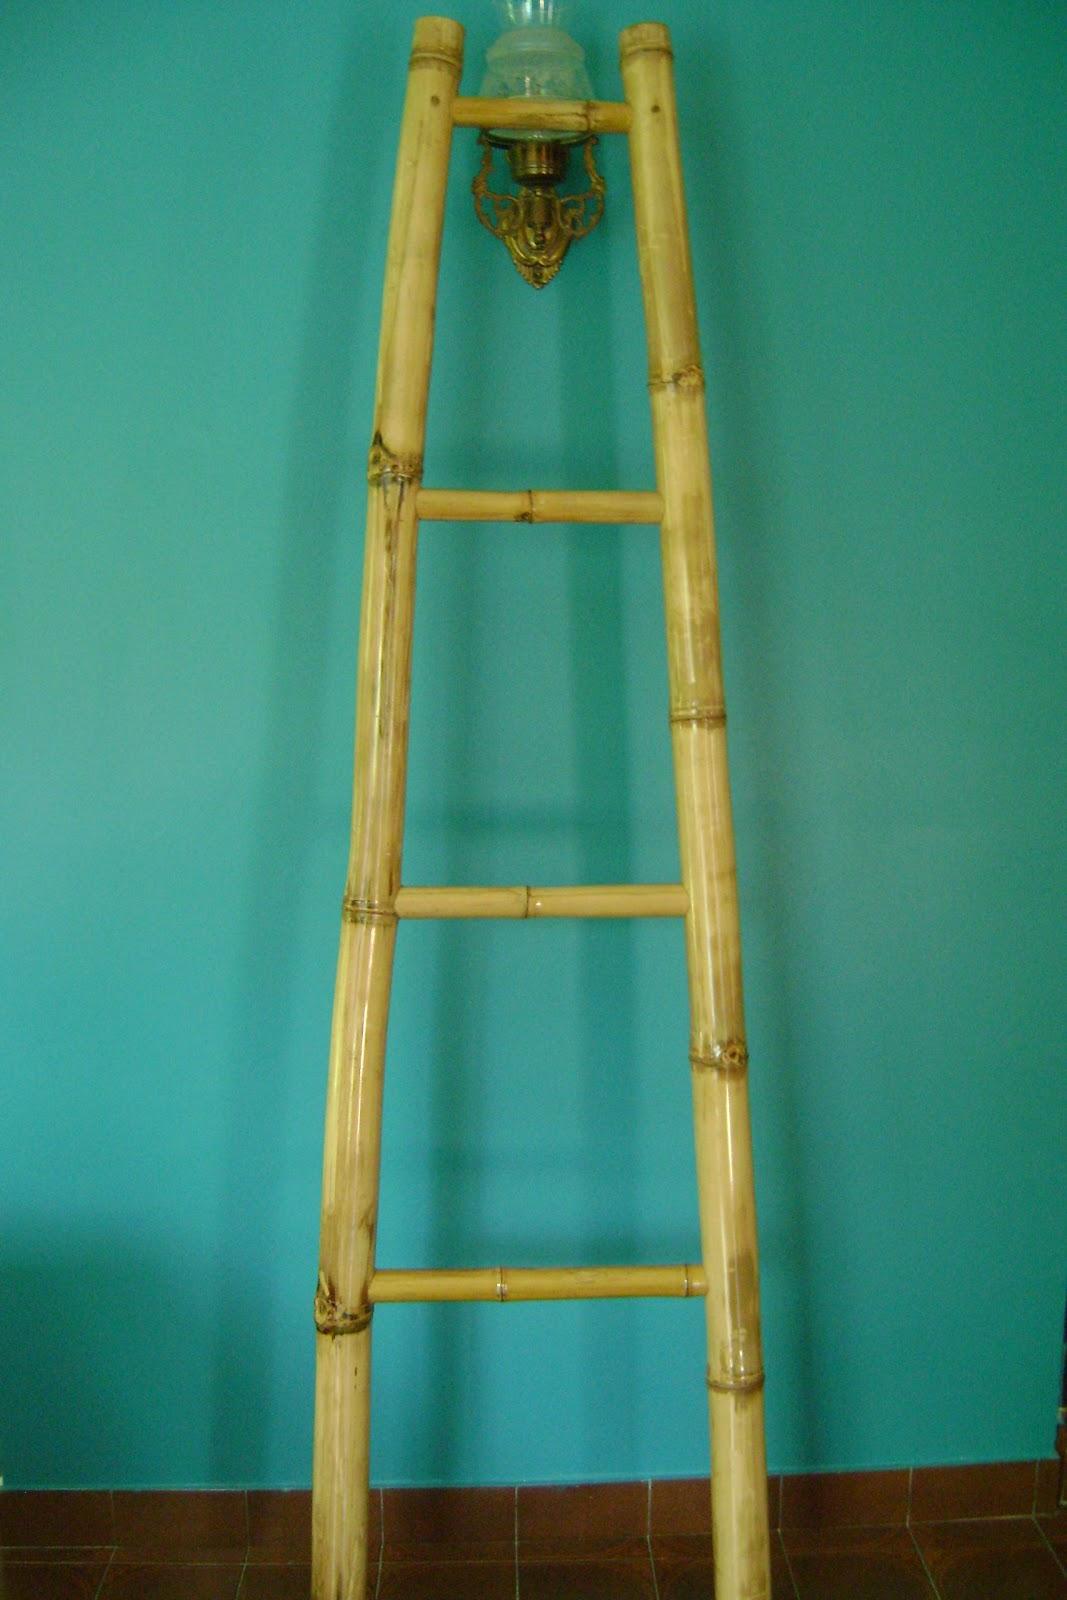 Los maderos escalera de bambu - Escalera de bambu ...